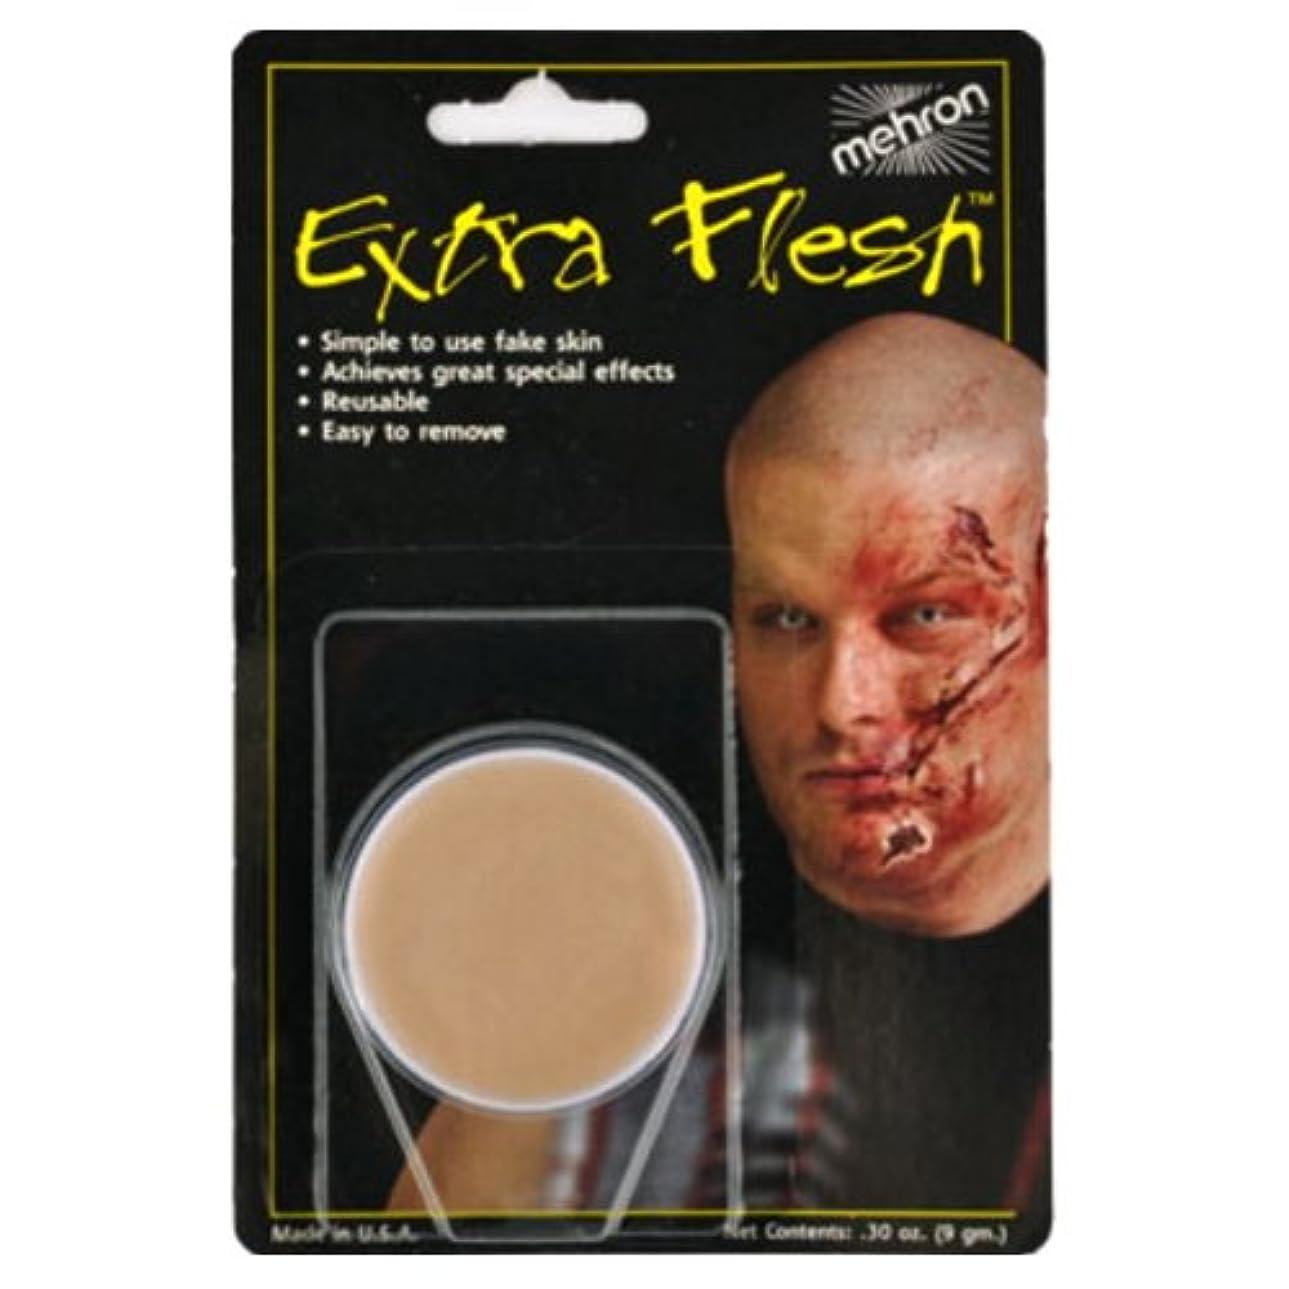 素朴な高価な排他的(6 Pack) mehron Extra Flesh (並行輸入品)